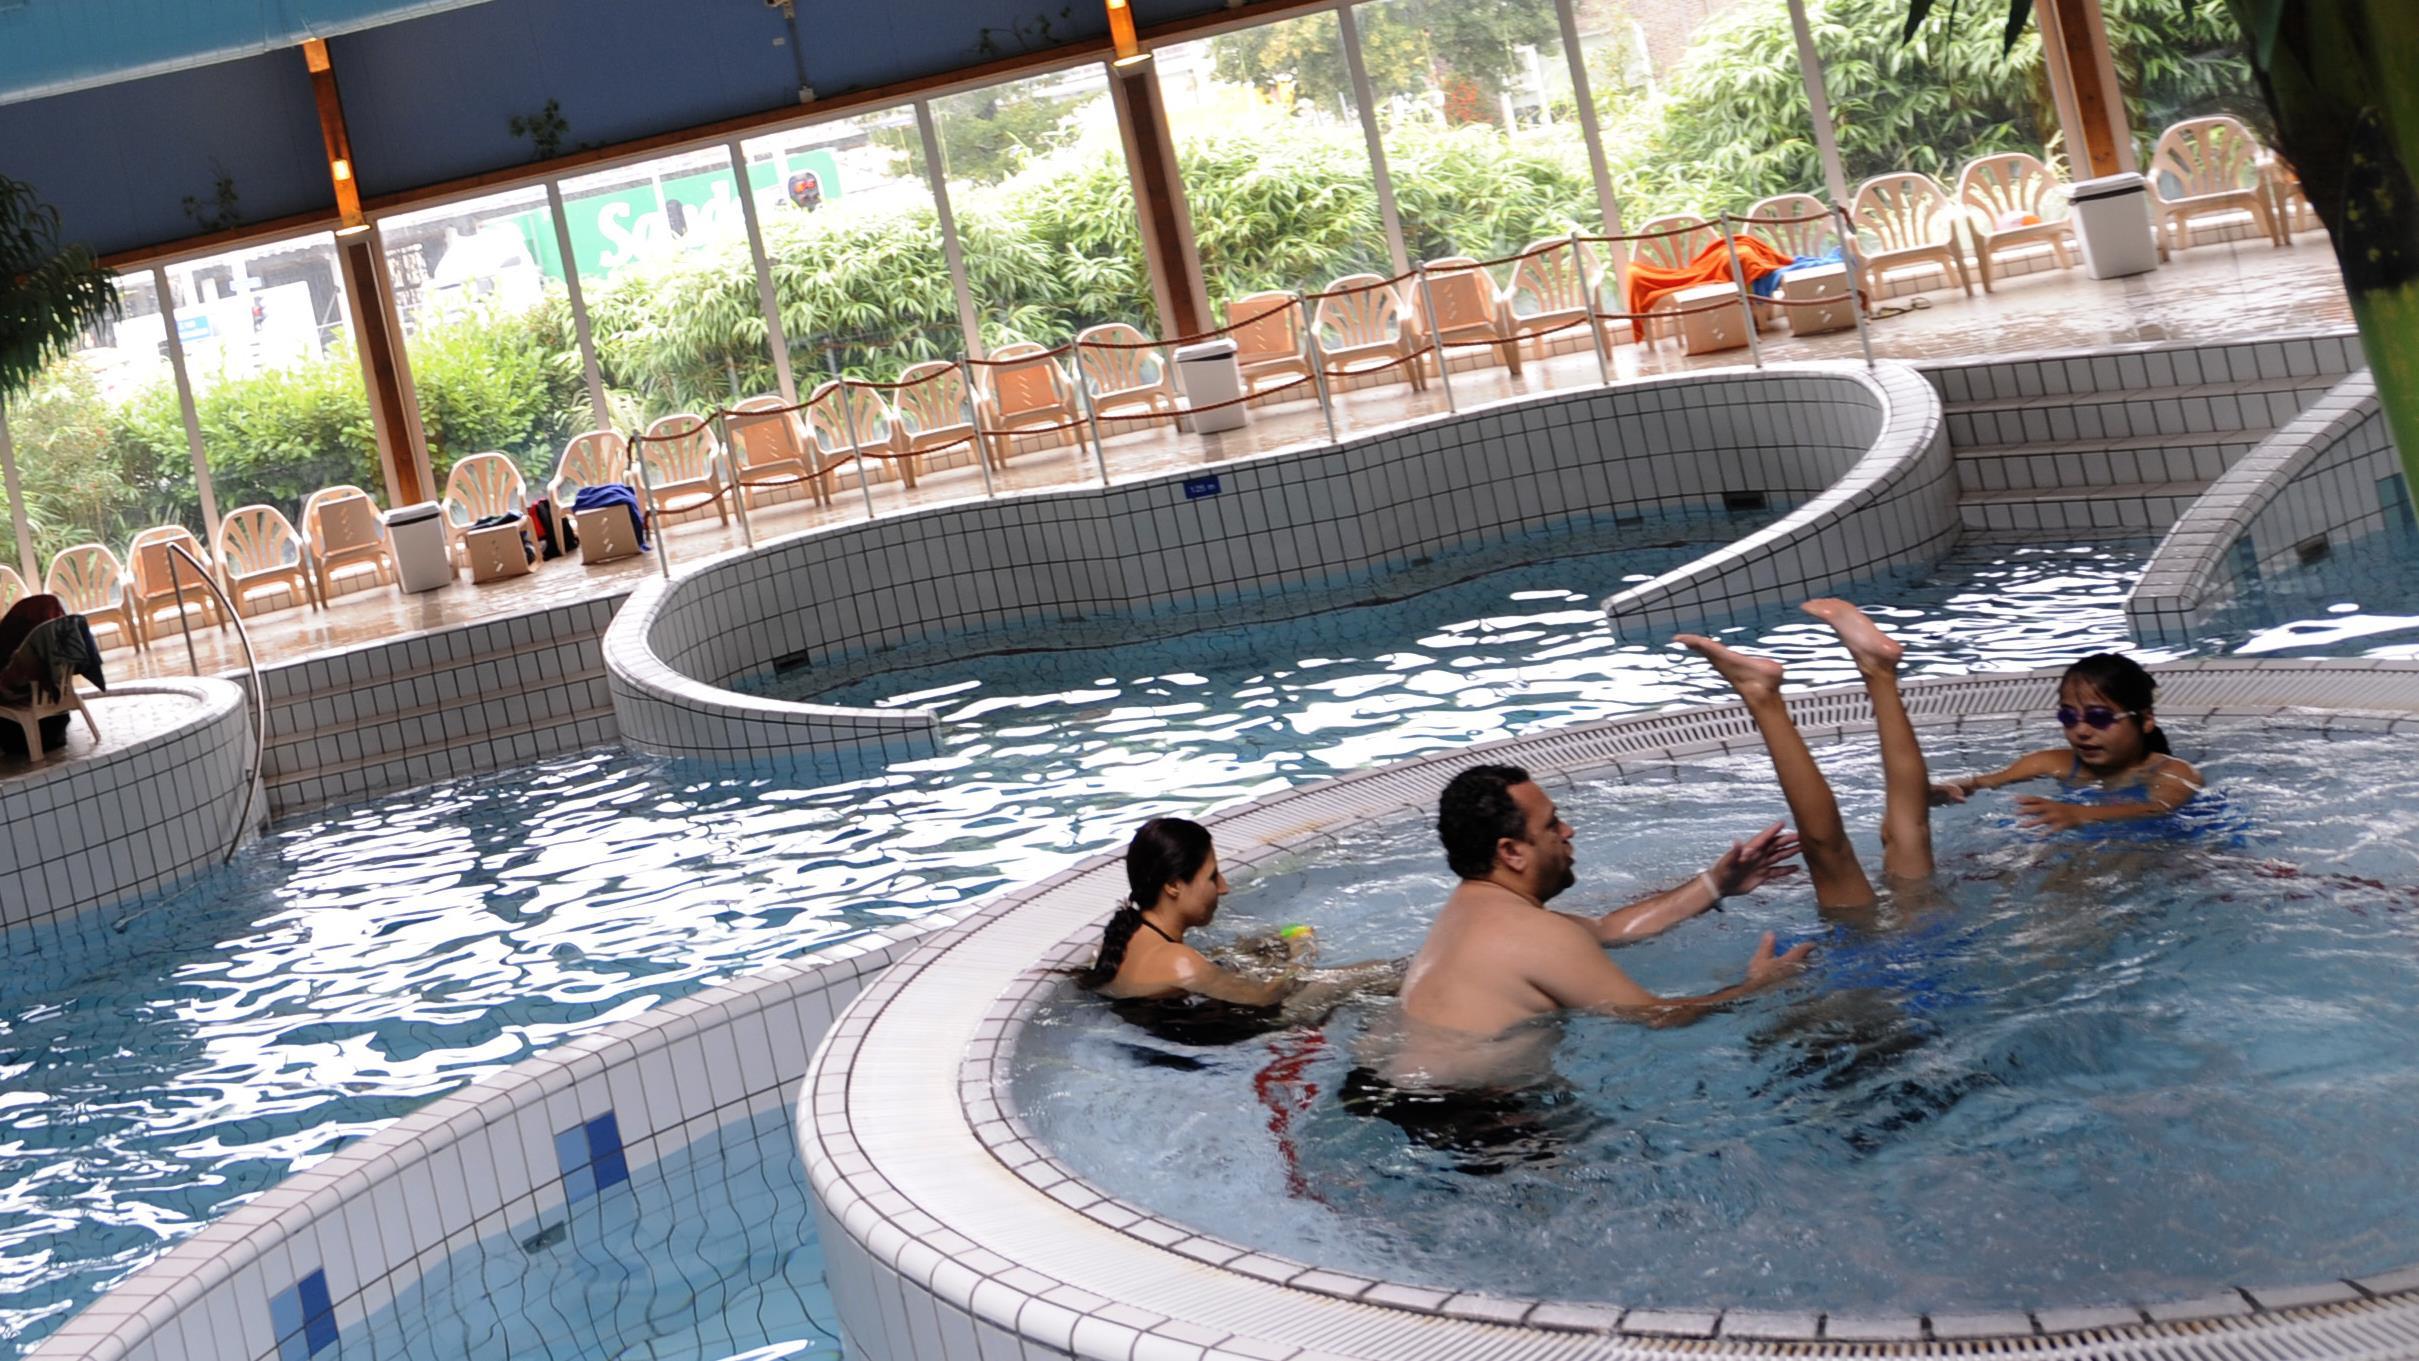 ... Zwembad Enschede : Aquadrome, Slagman informatie en openingstijden